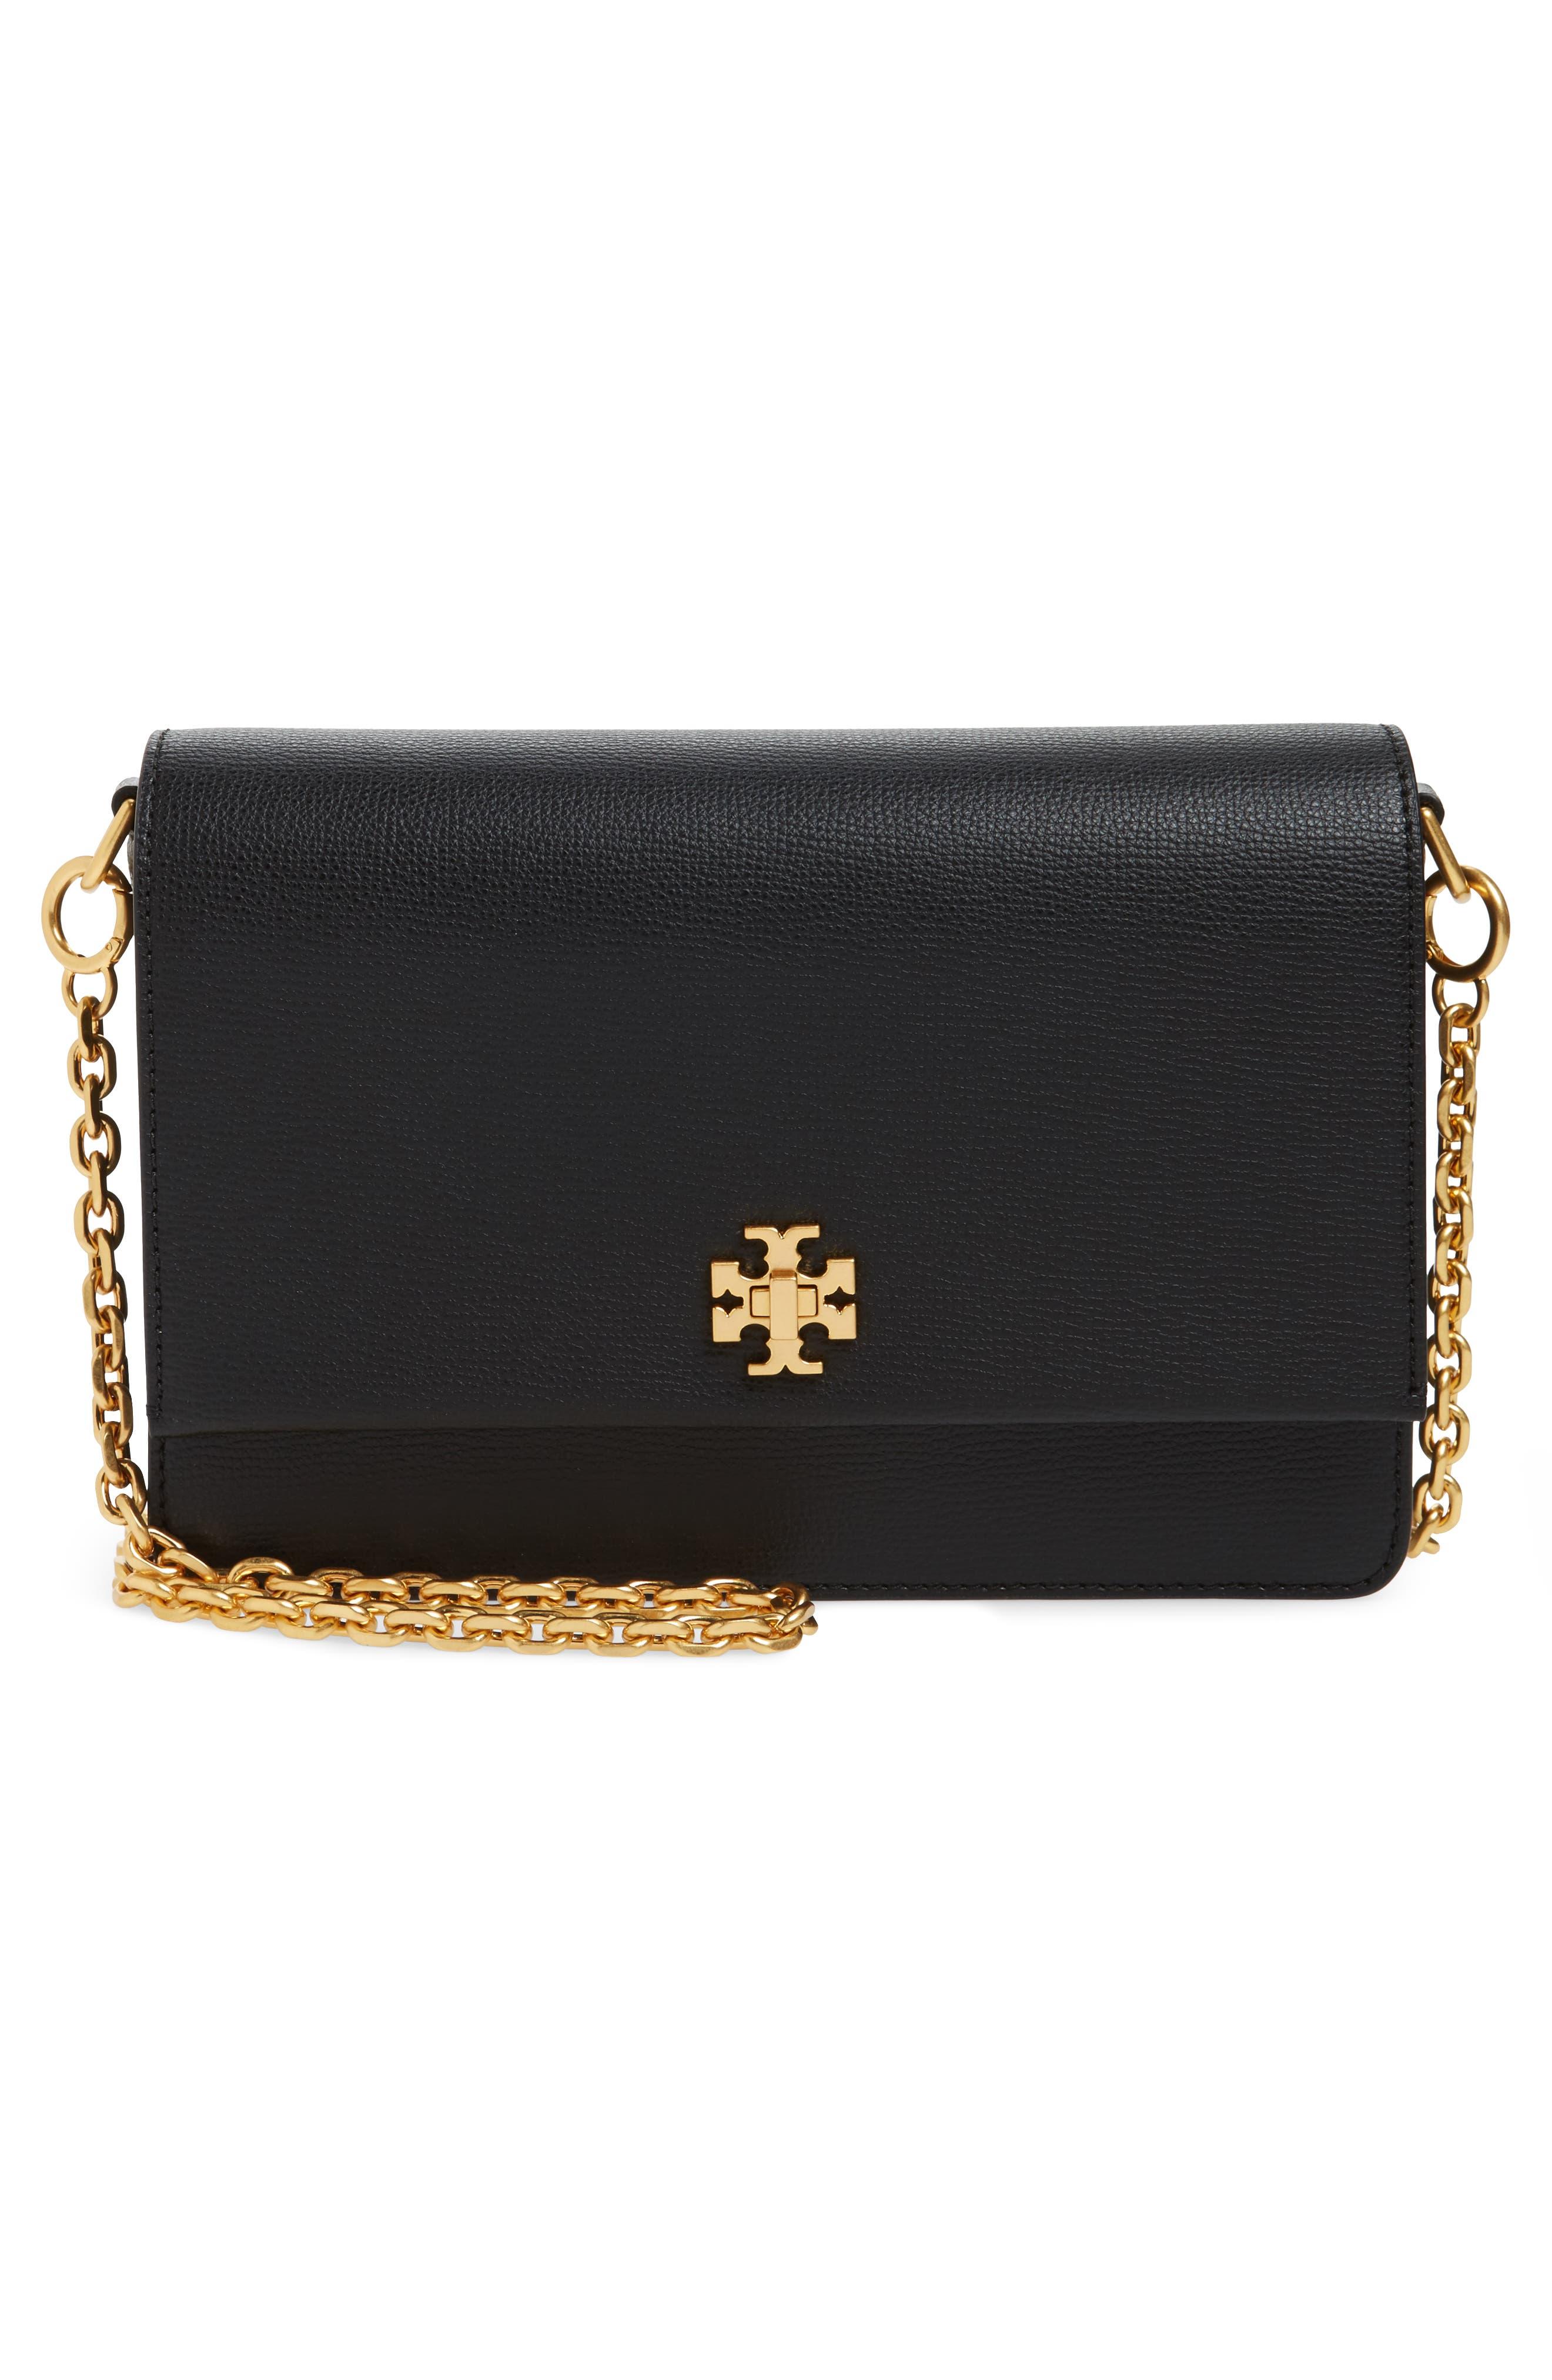 Kira Leather Shoulder Bag,                             Alternate thumbnail 3, color,                             BLACK